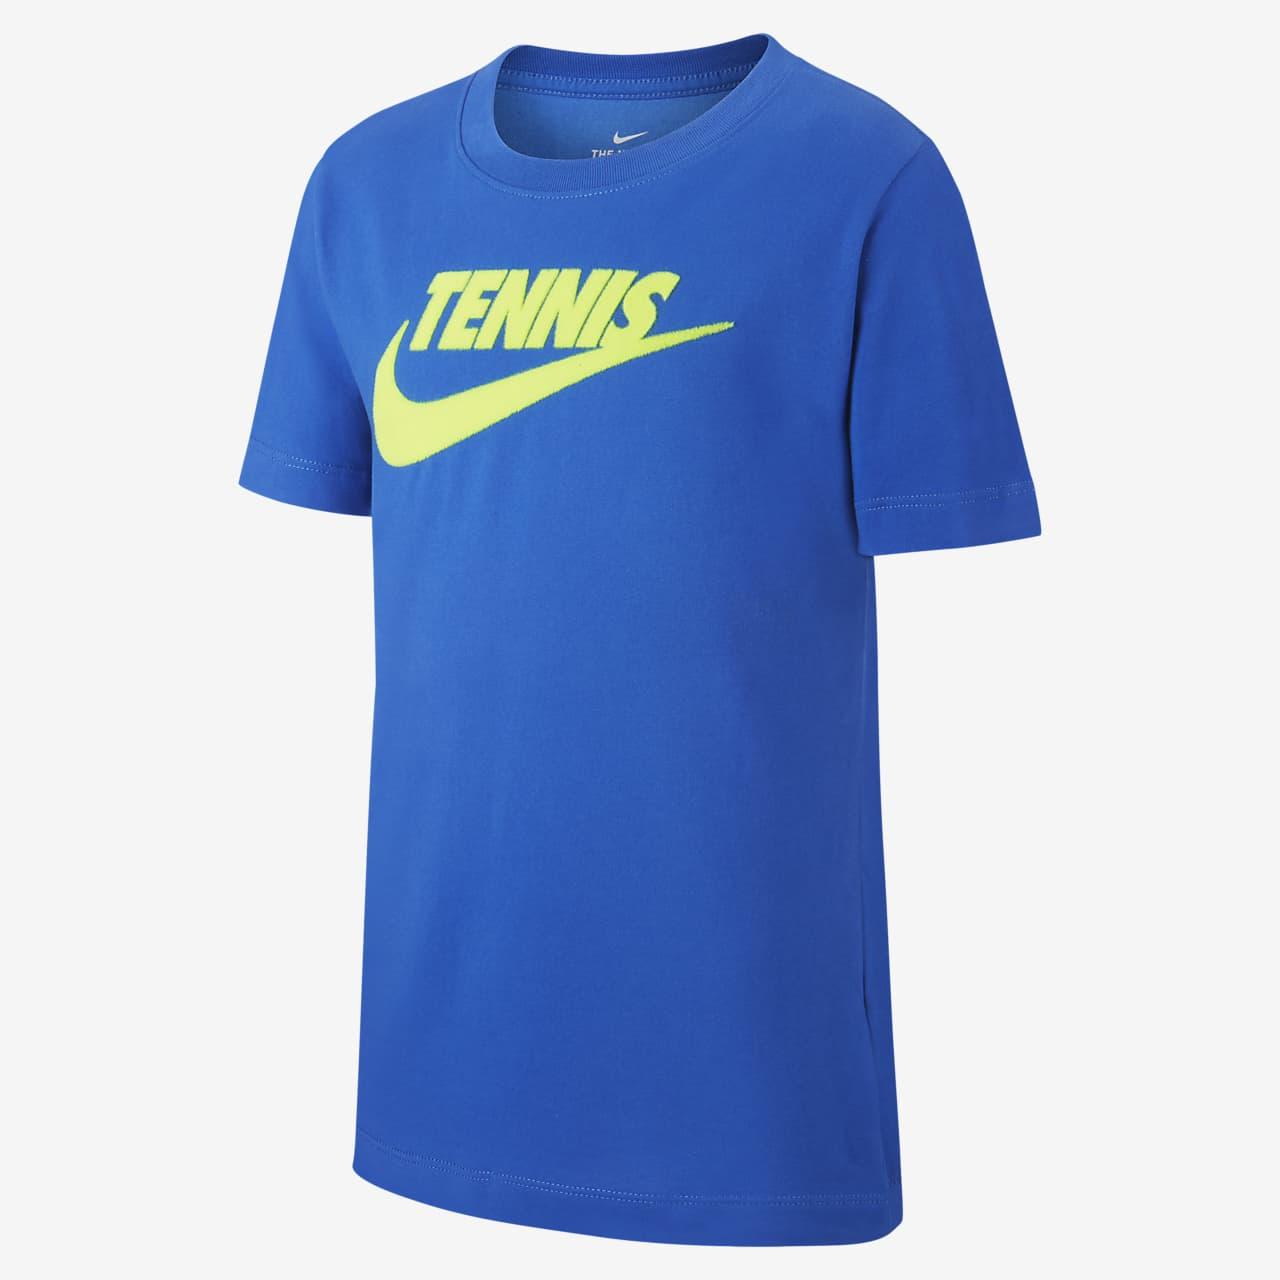 NikeCourt Dri-FIT Tennisshirt met graphic voor jongens